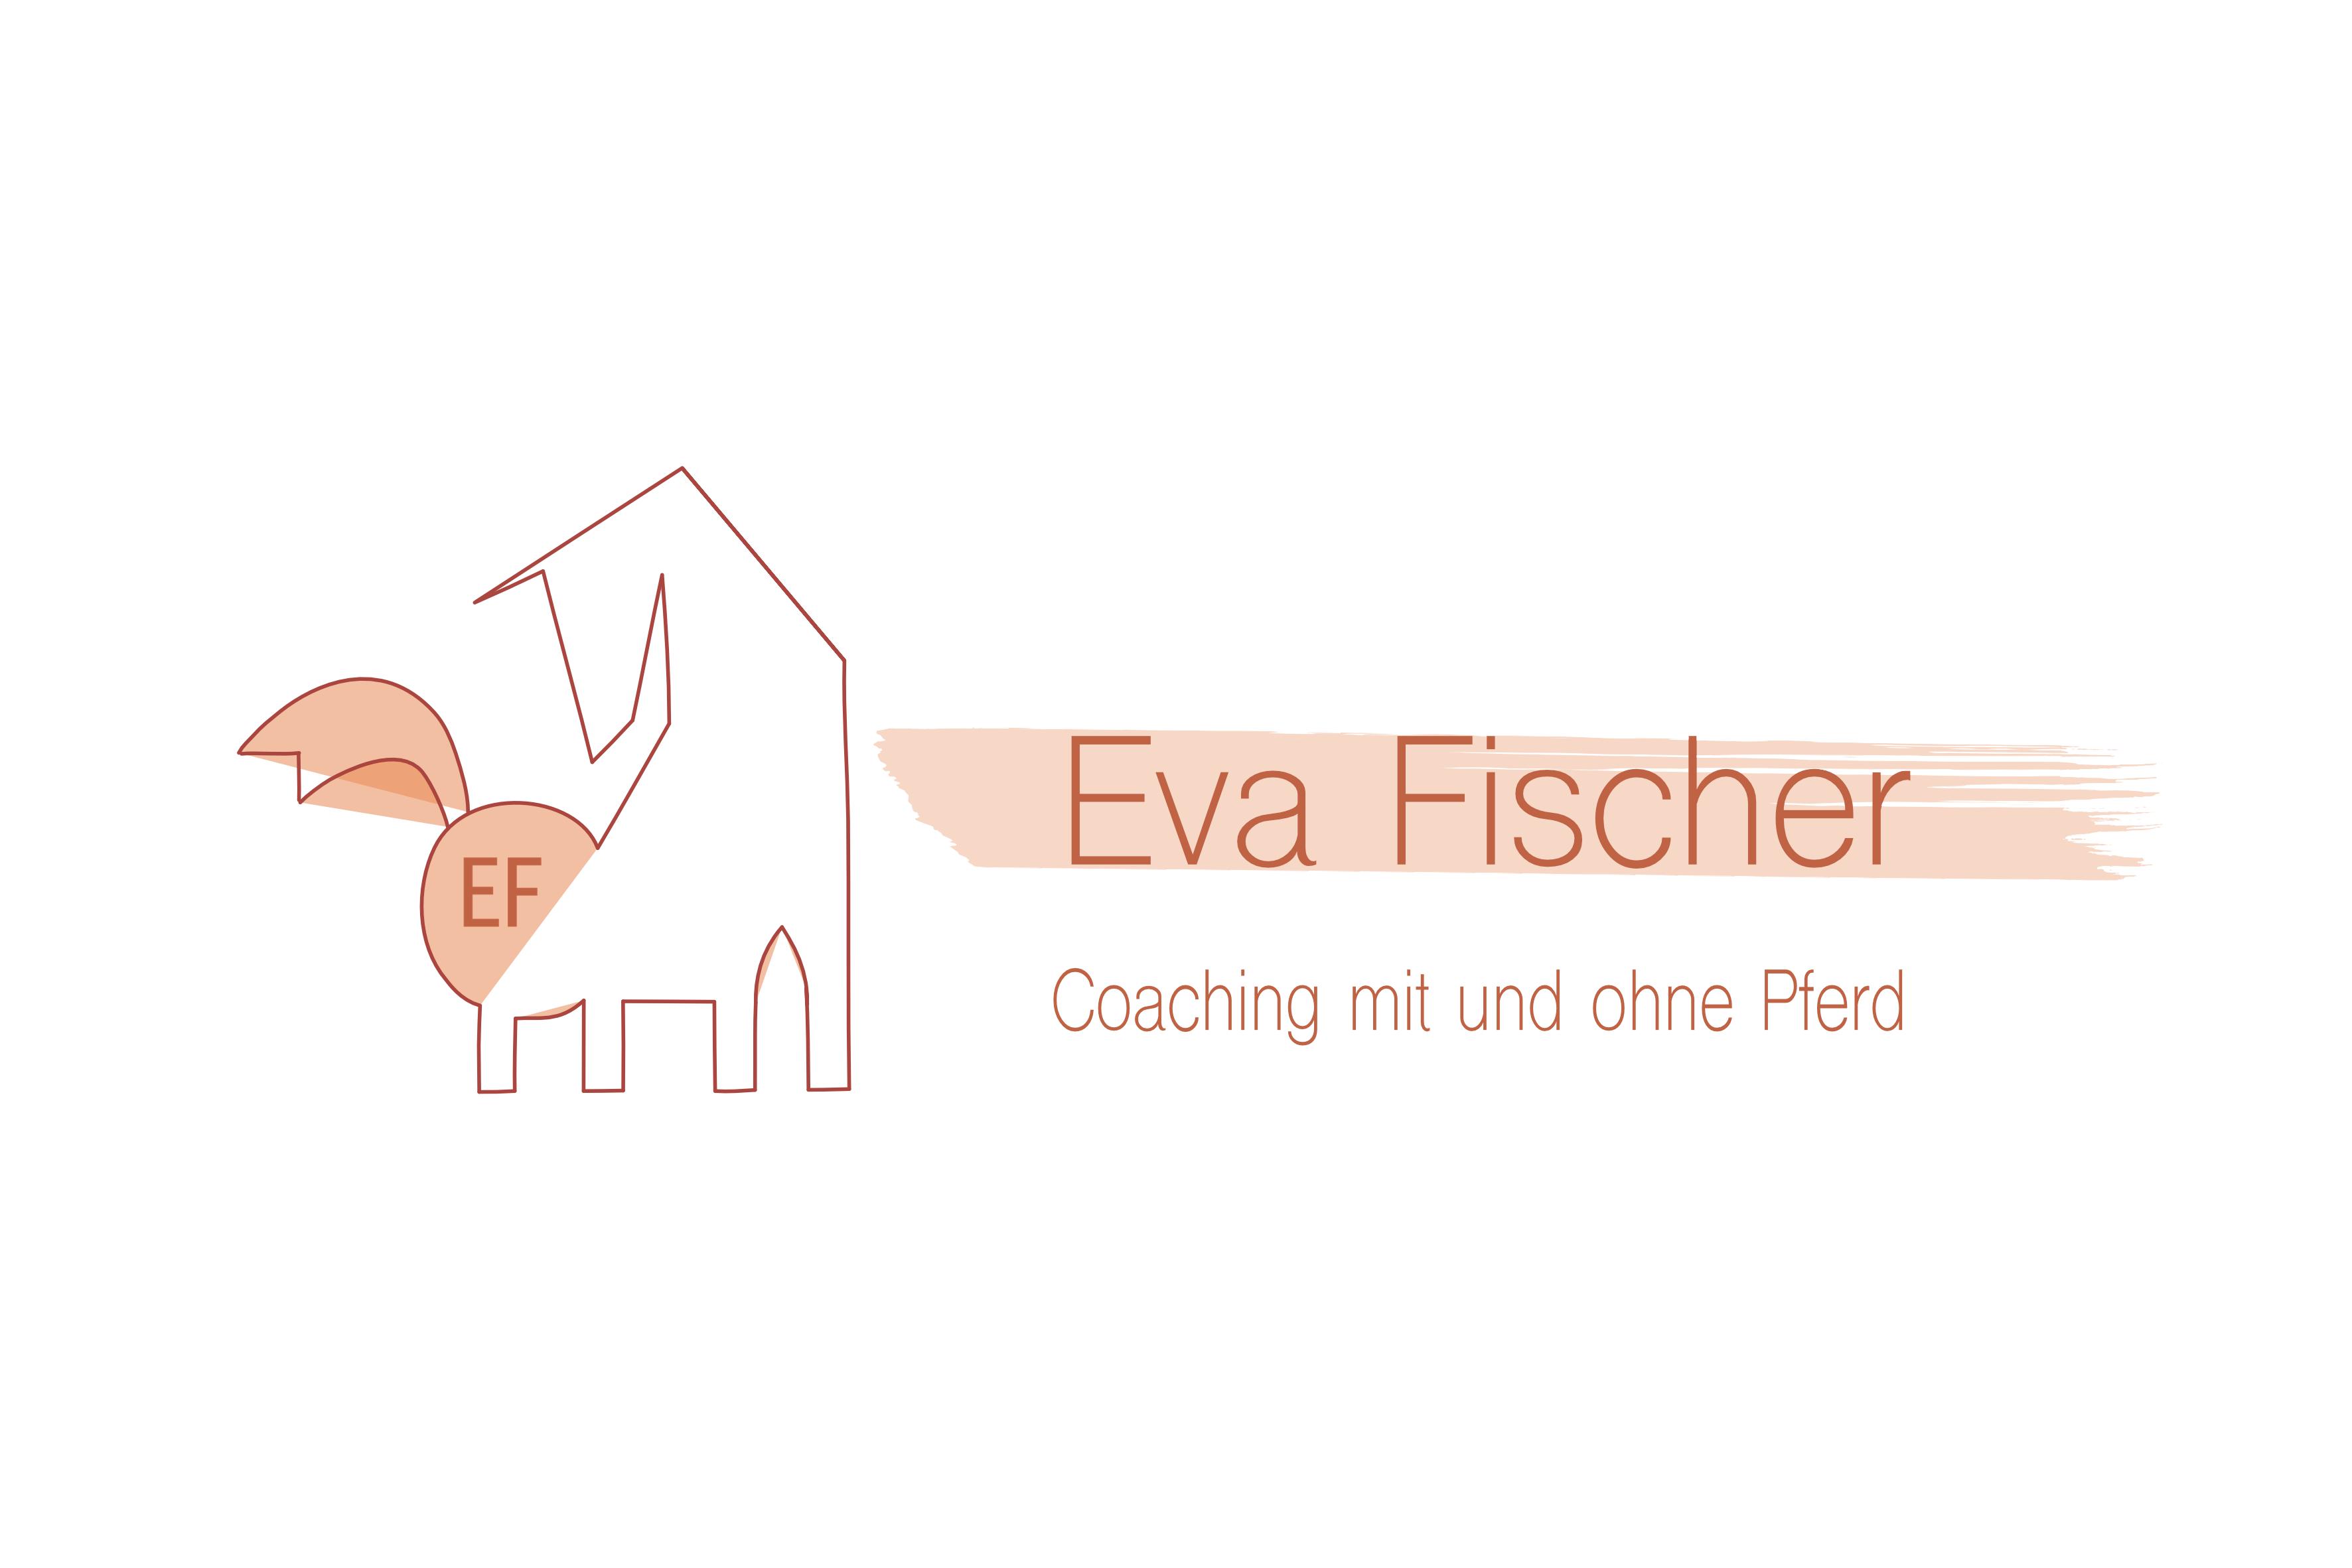 Eva Fischer Coaching - Logo